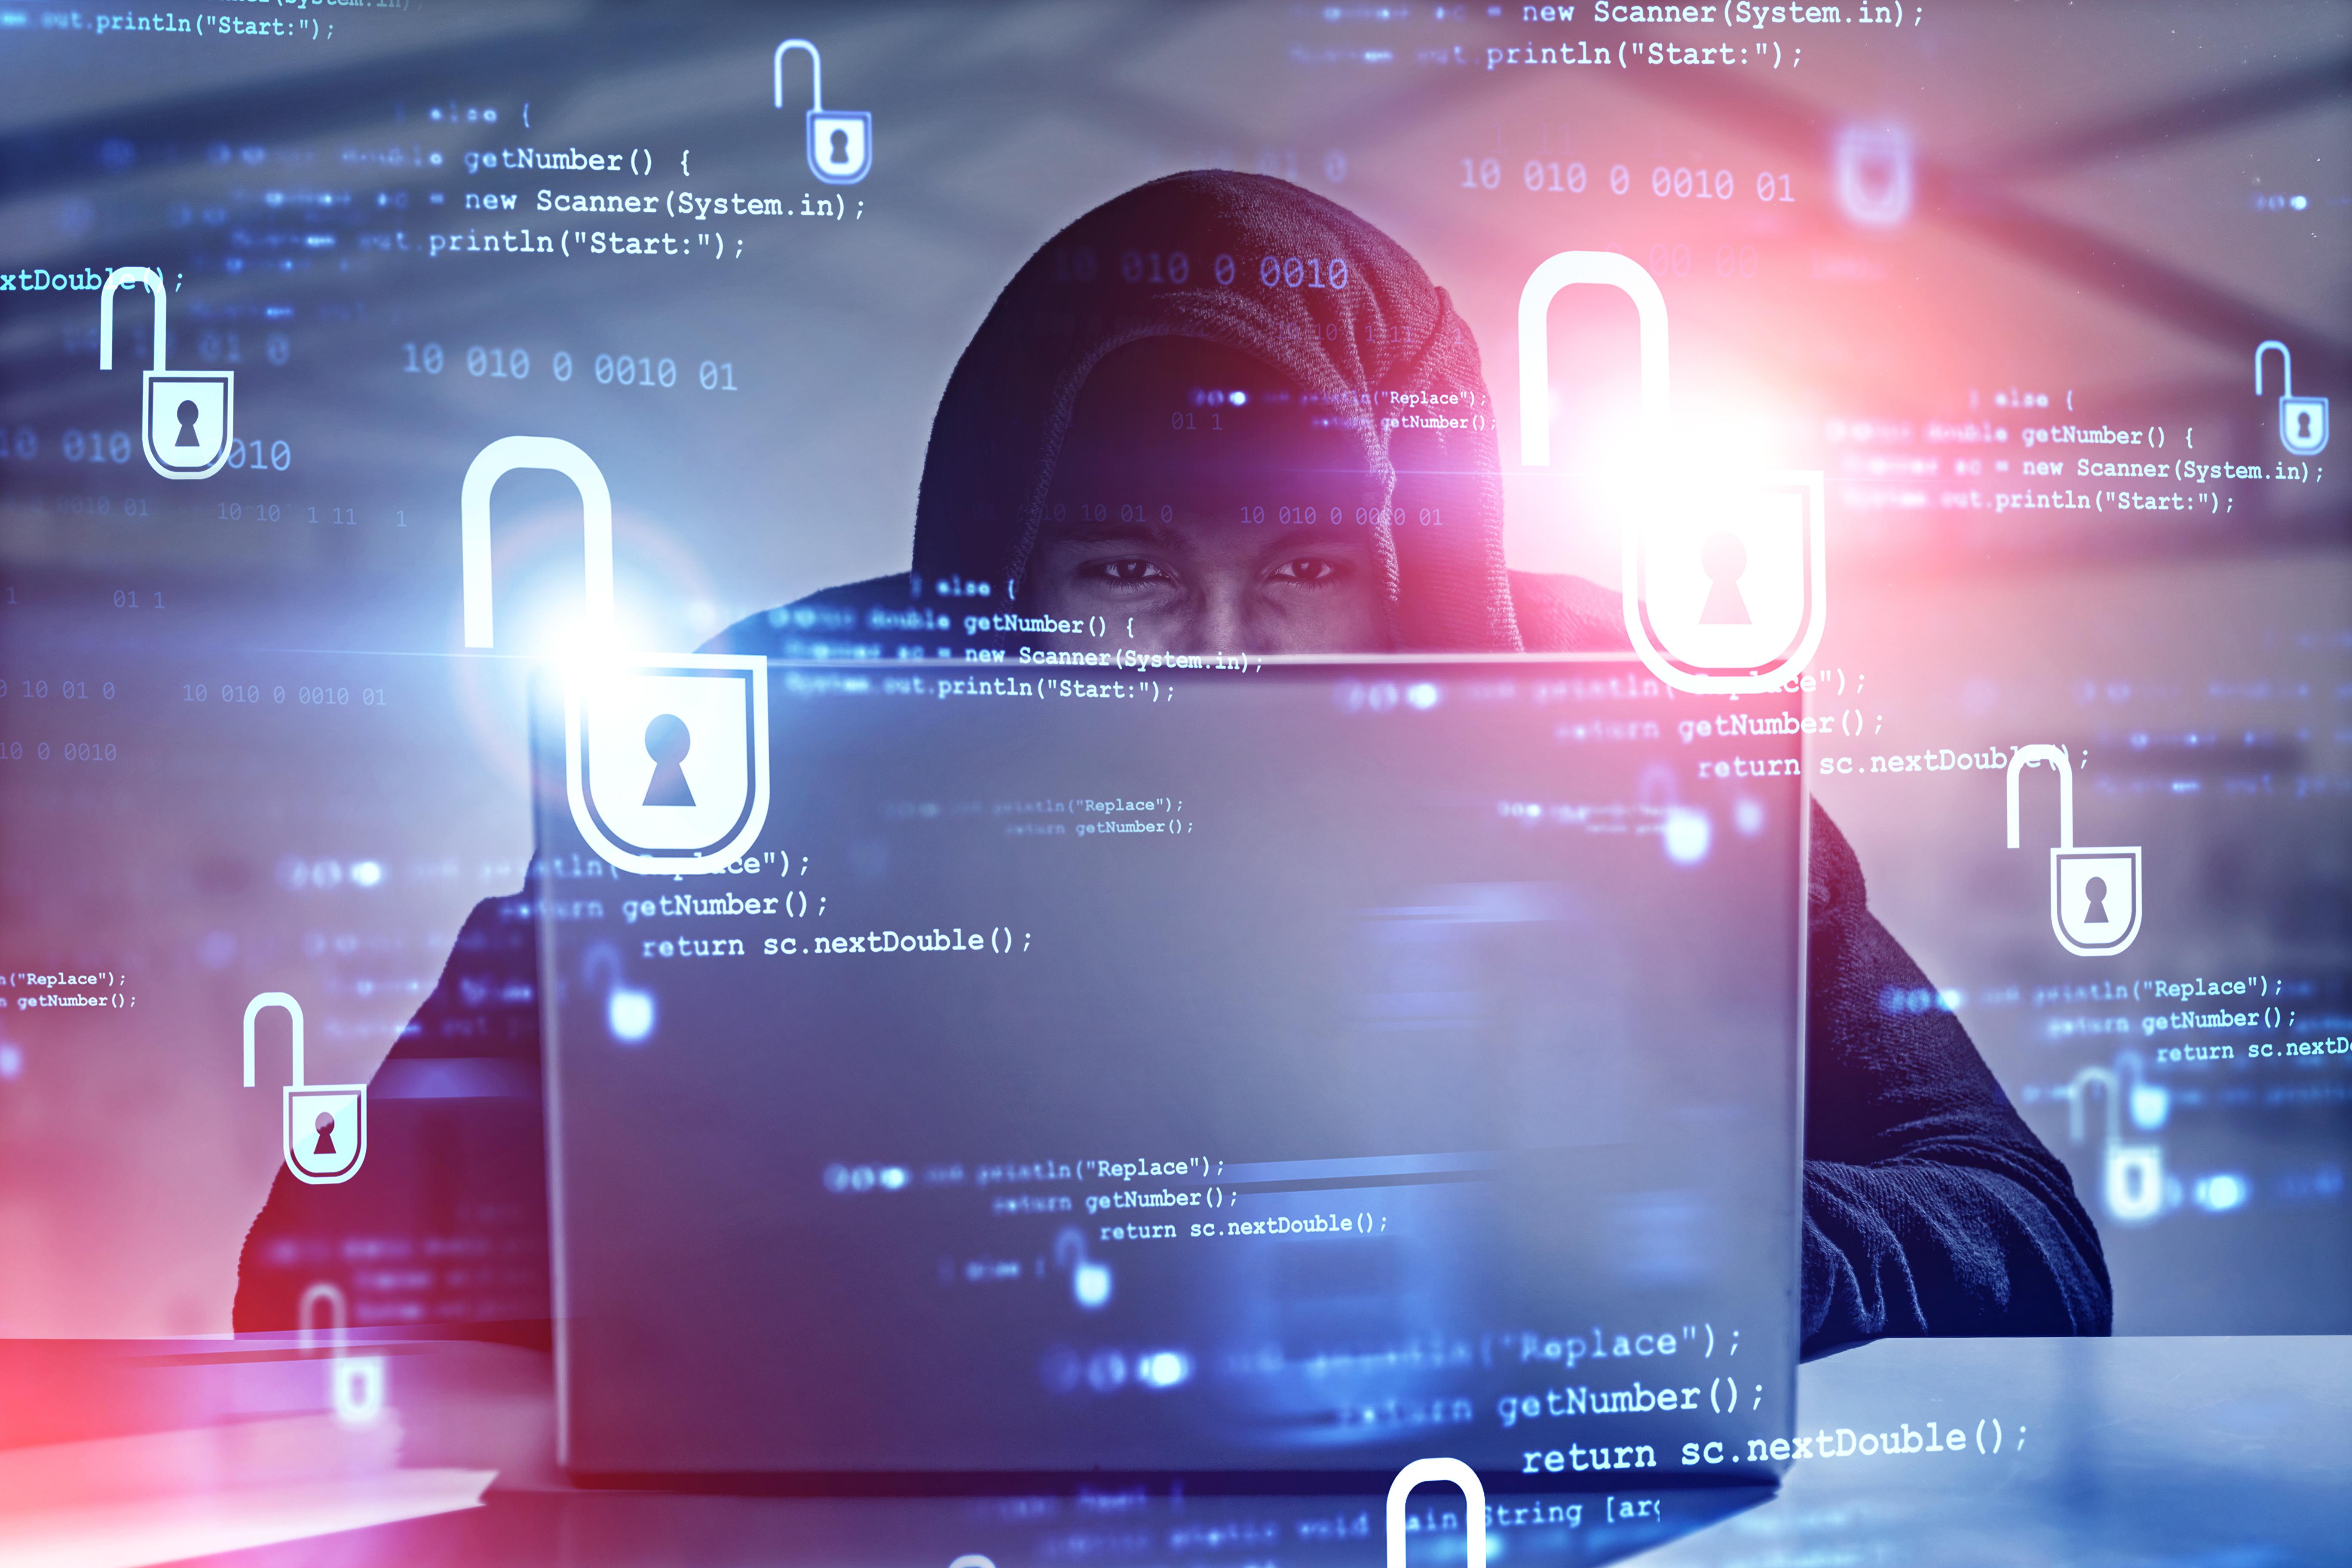 CYBER SECURITY E PREVENZIONE DEI RISCHI INFORMATICI: SMART-WORKING, CONTROLLI, PRIVACY